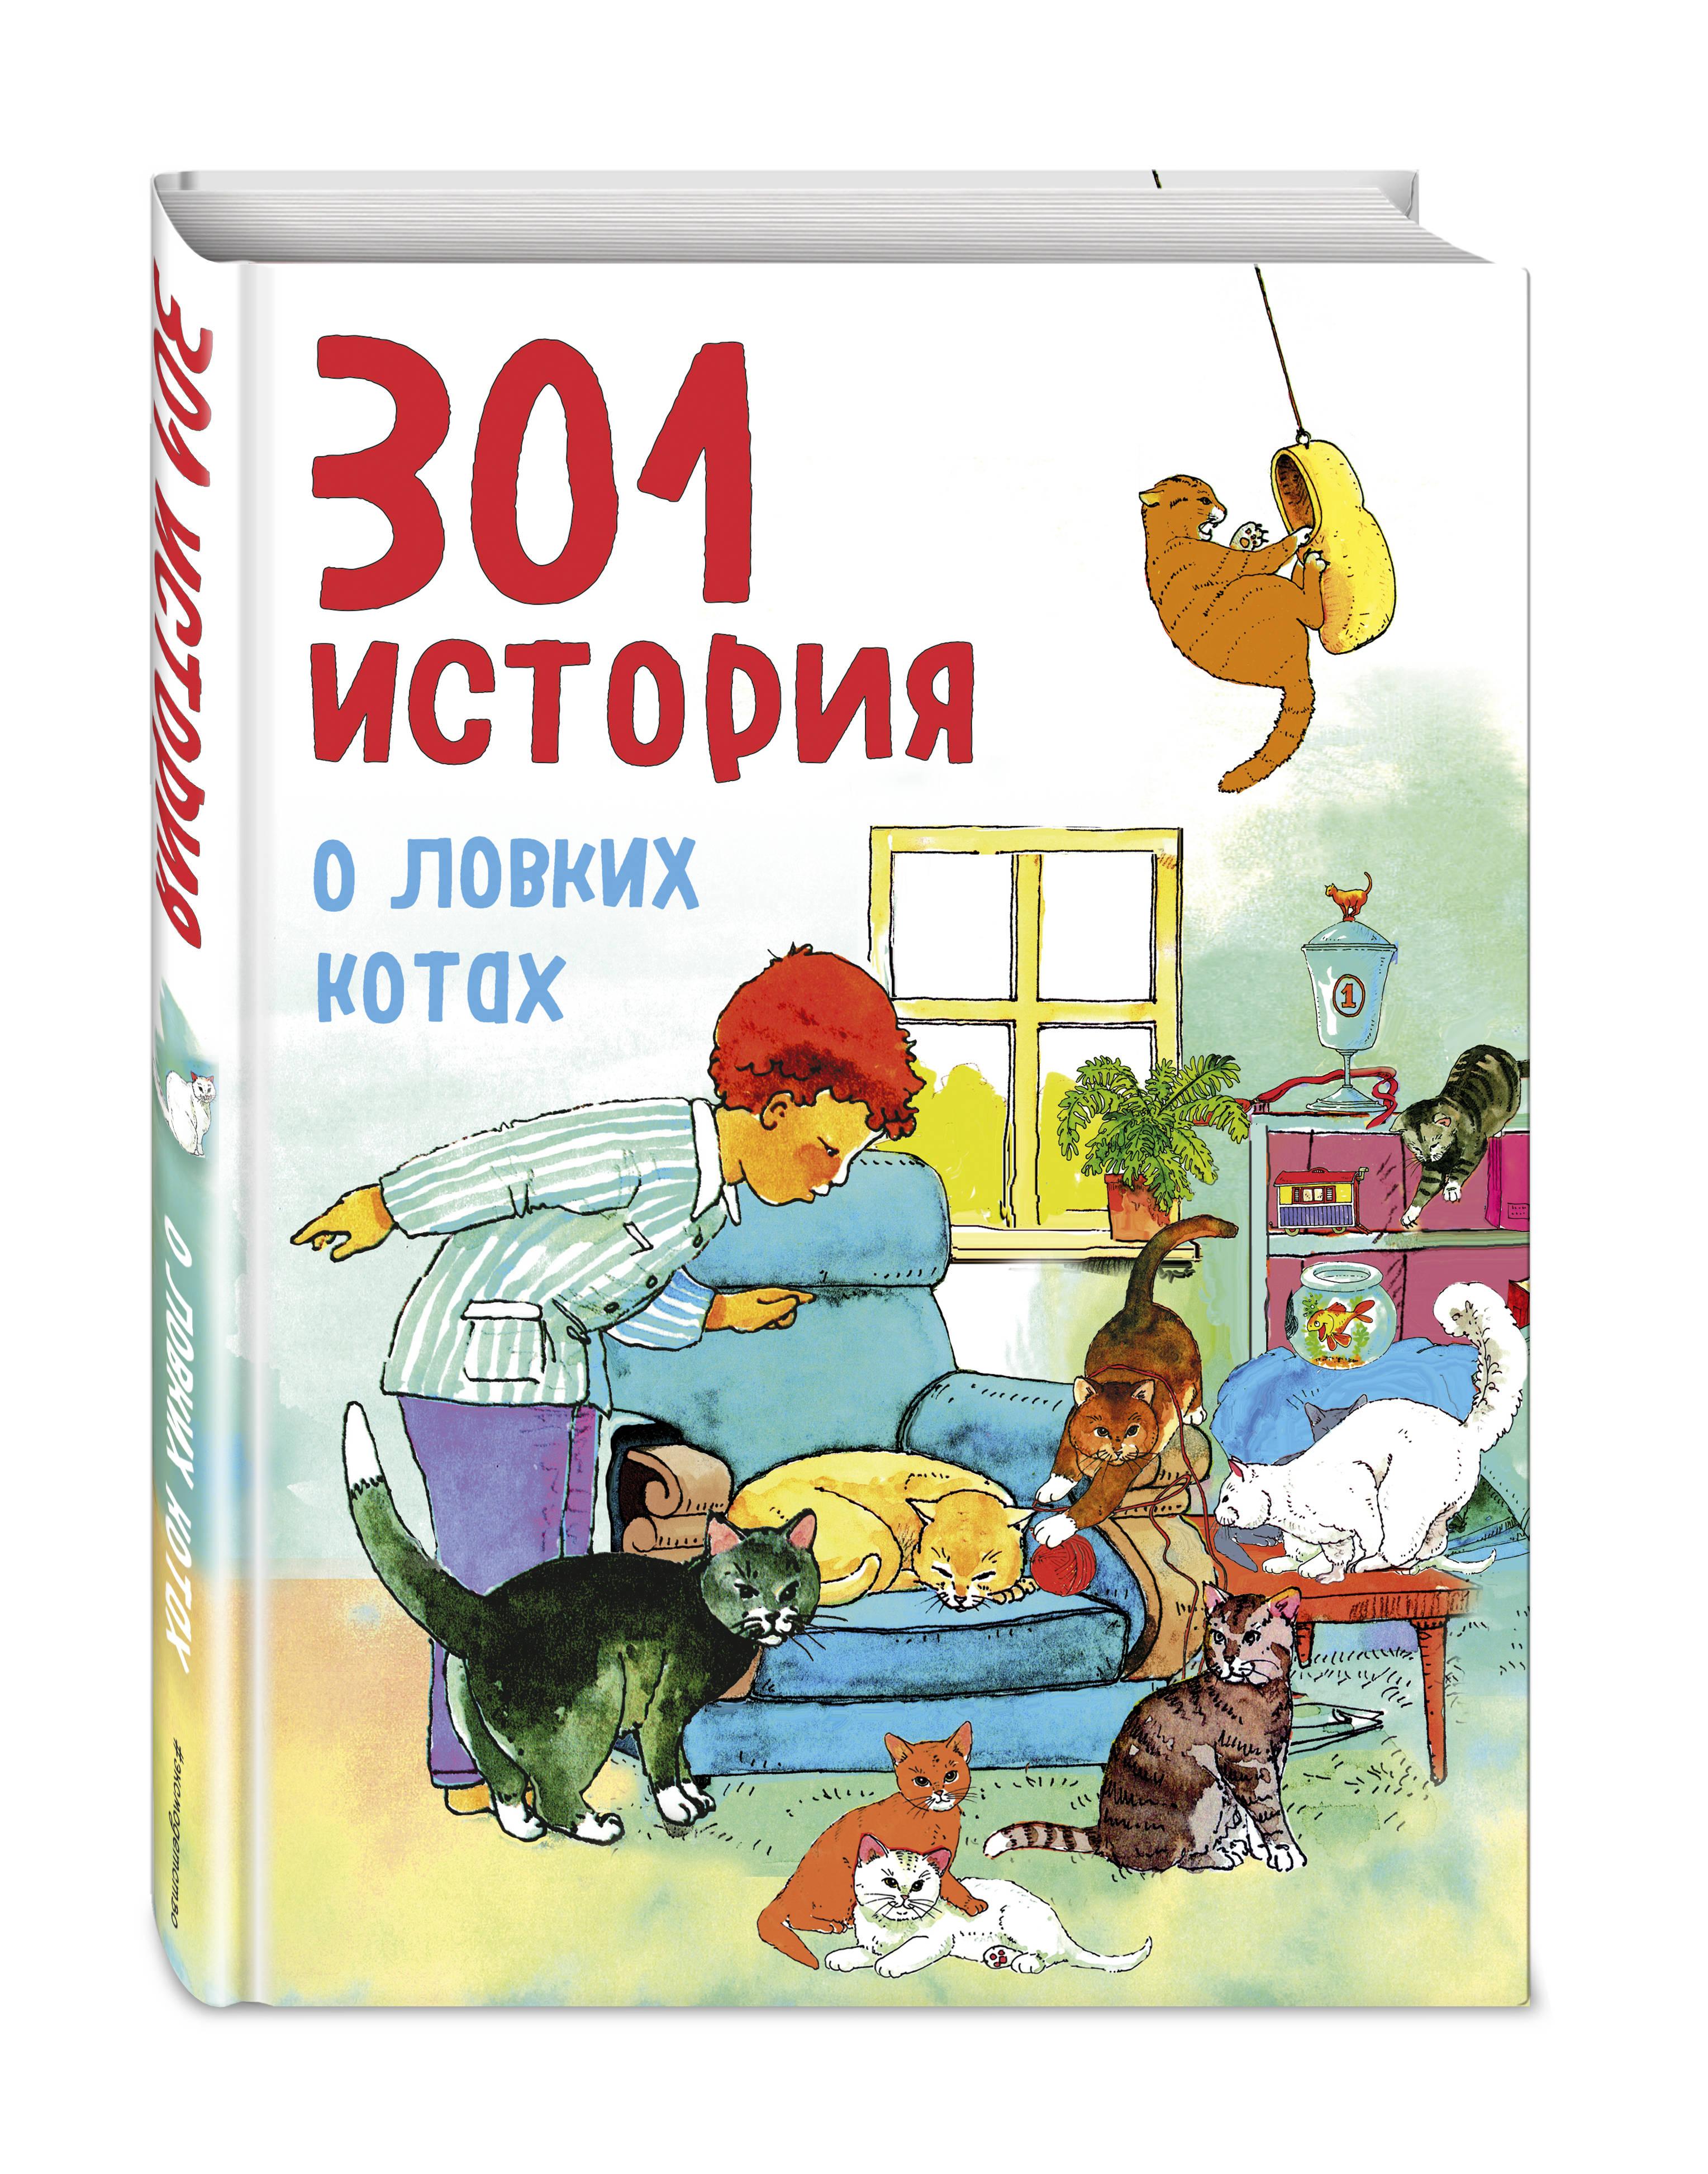 Фрёлих Ф. 301 история о ловких котах f gattien f gattien 6236 301